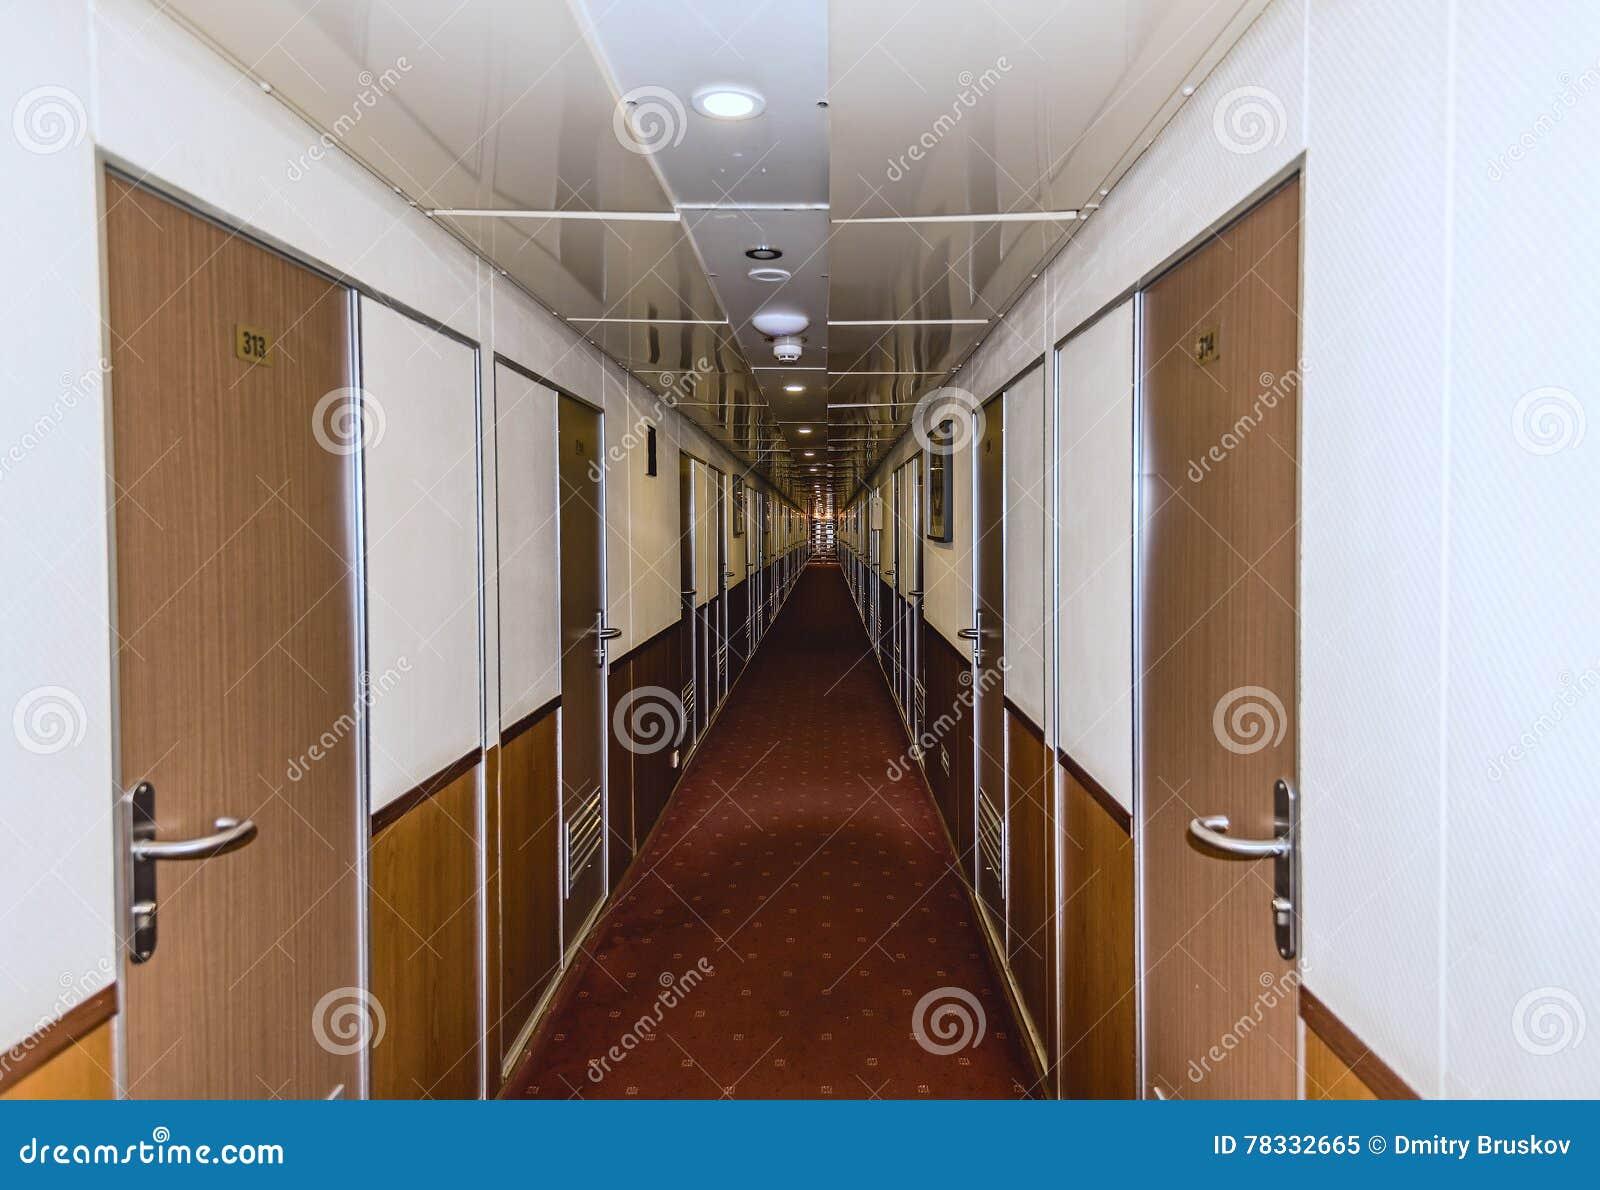 Corridoio Lungo Stretto : Corridoio lungo e stretto immagine stock. immagine di passaggio